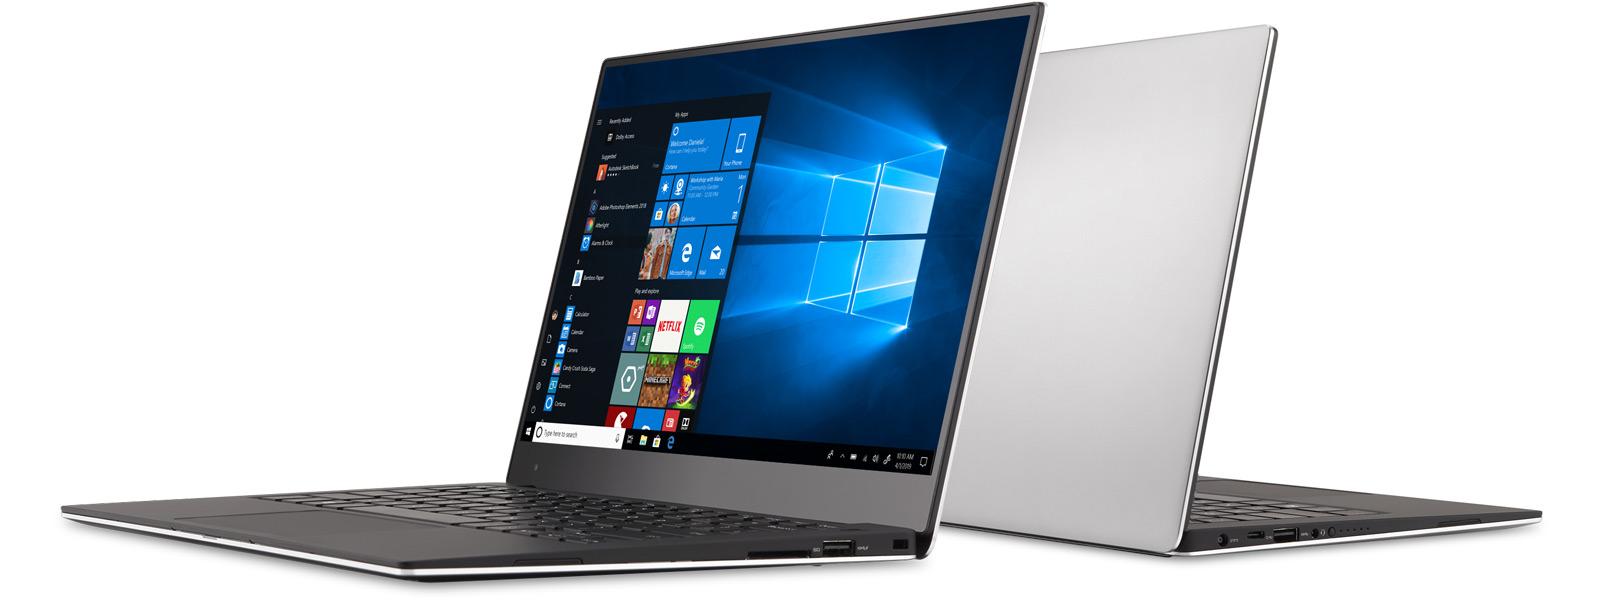 Zwei aneinander angelehnte Windows 10-Laptops